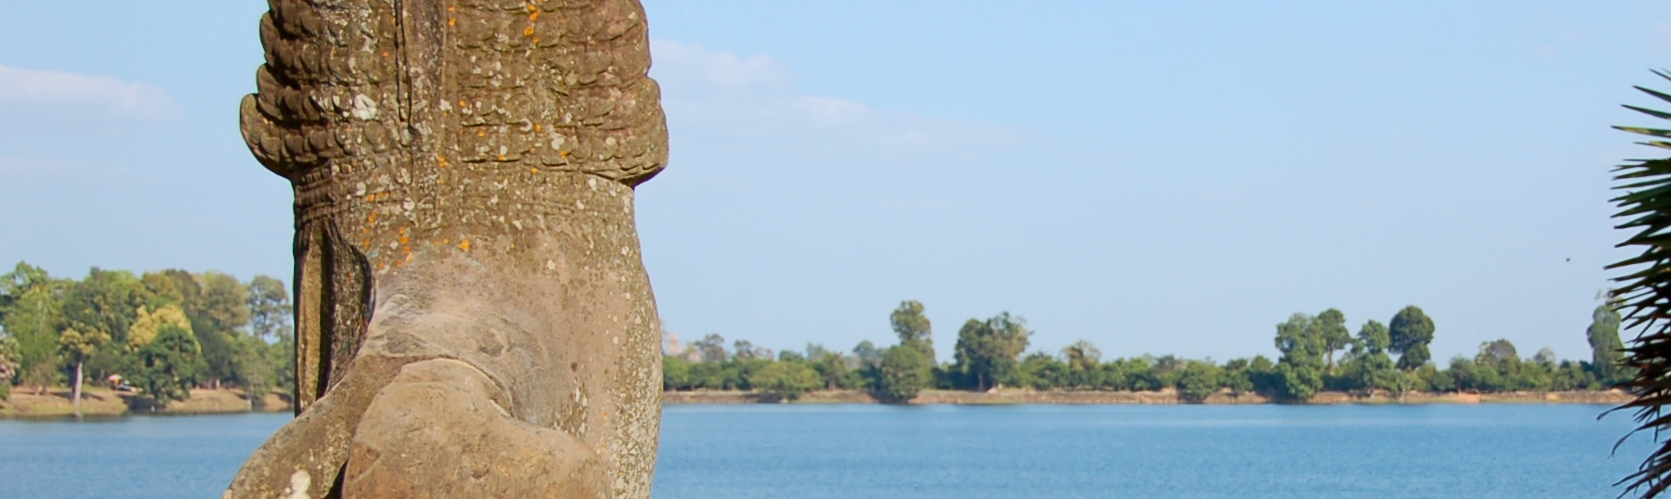 Camboya_Angkor Wat_Banteay Kdei